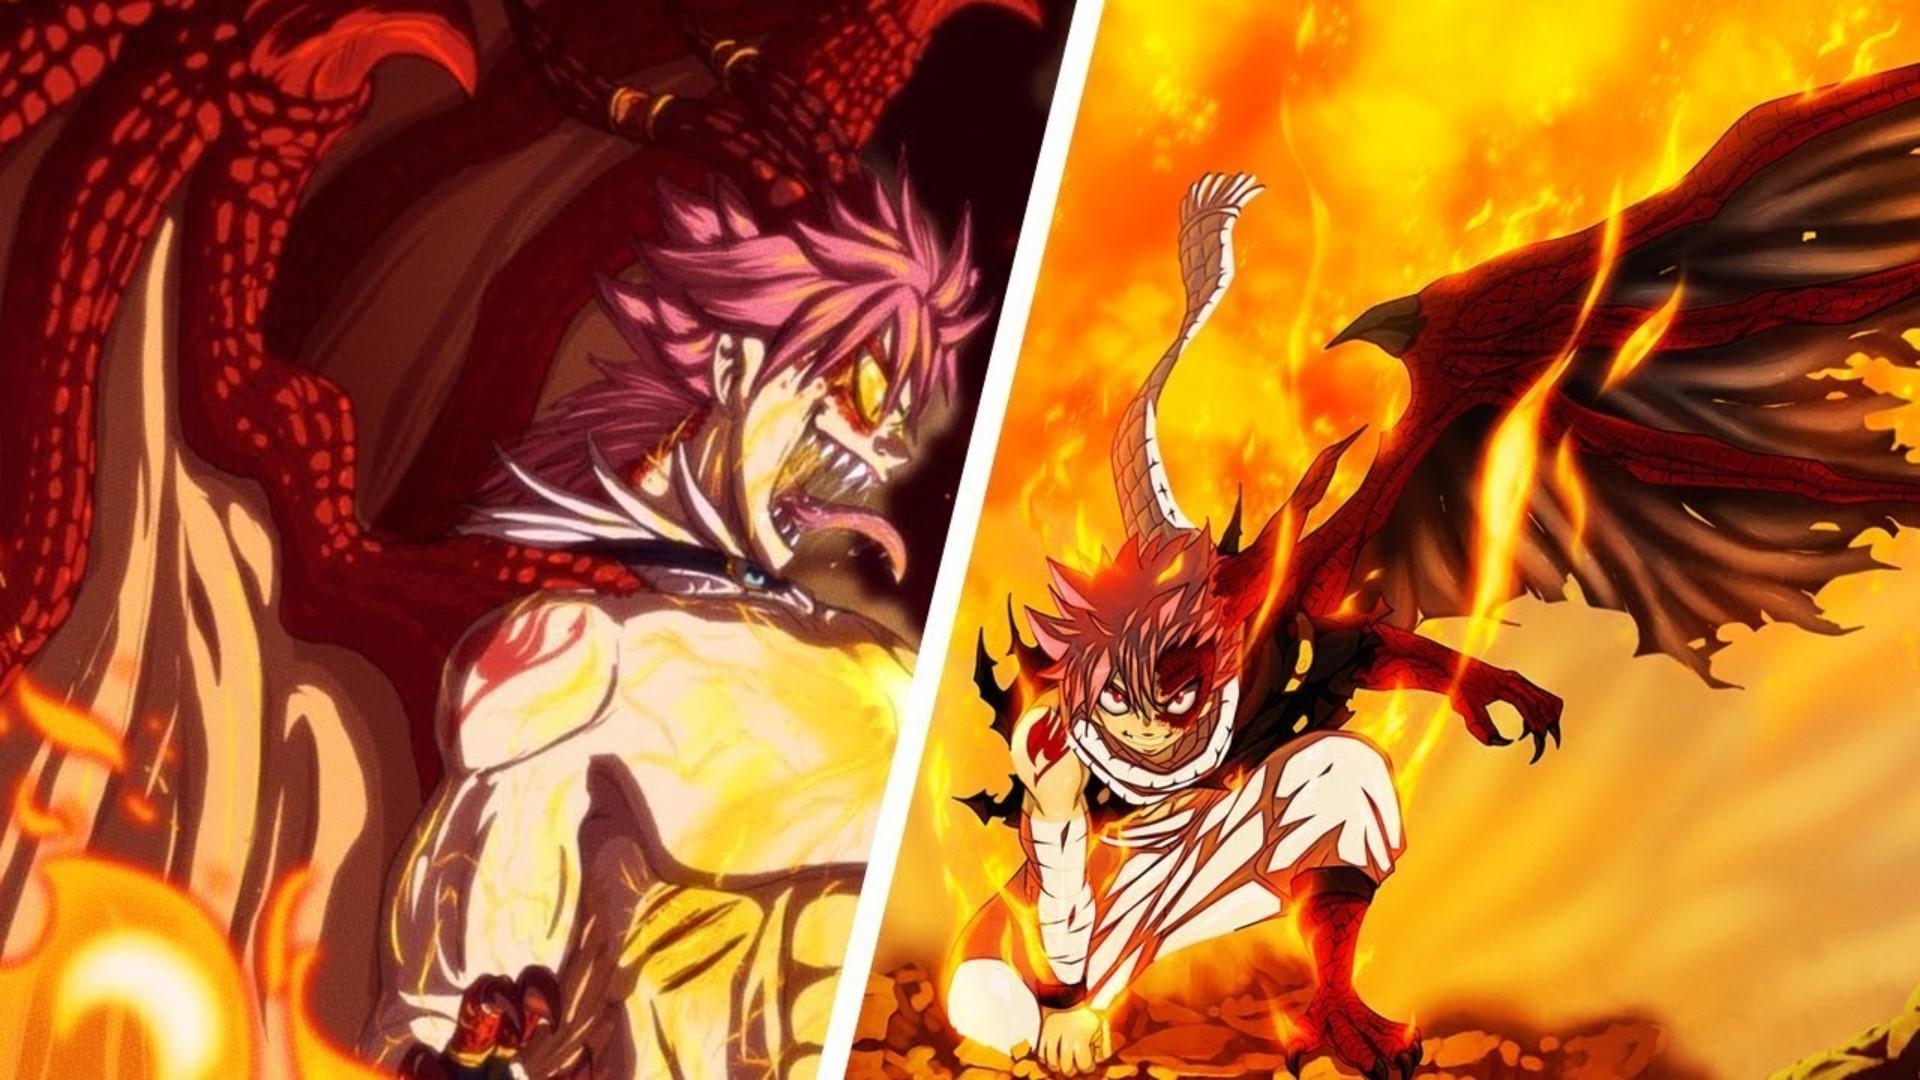 Fairy Tail- anime like black clover/anime similar to black clover